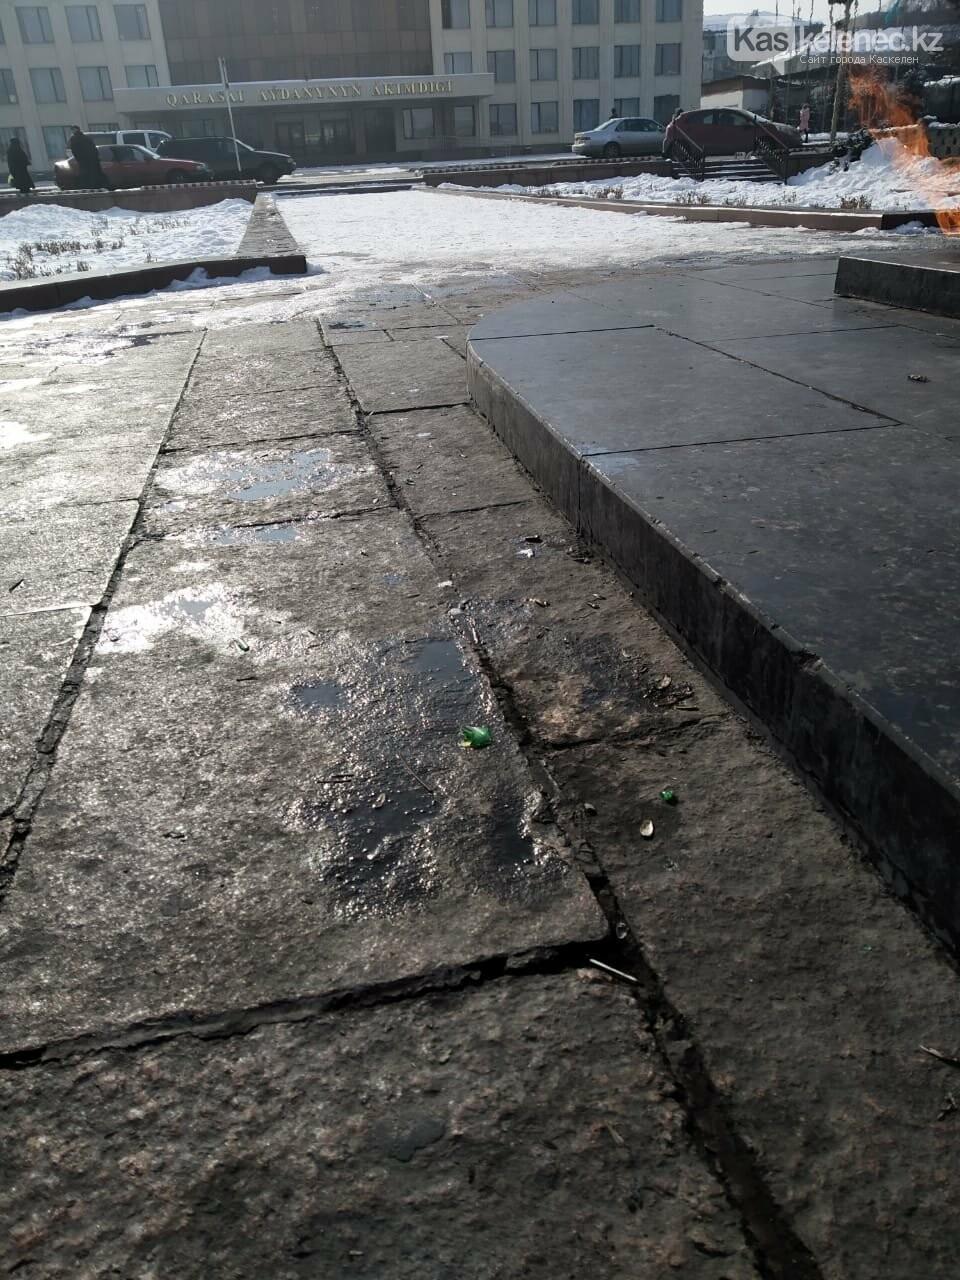 Памятник жертвам ВОВ в очередной раз осквернили в Каскелене, фото-4